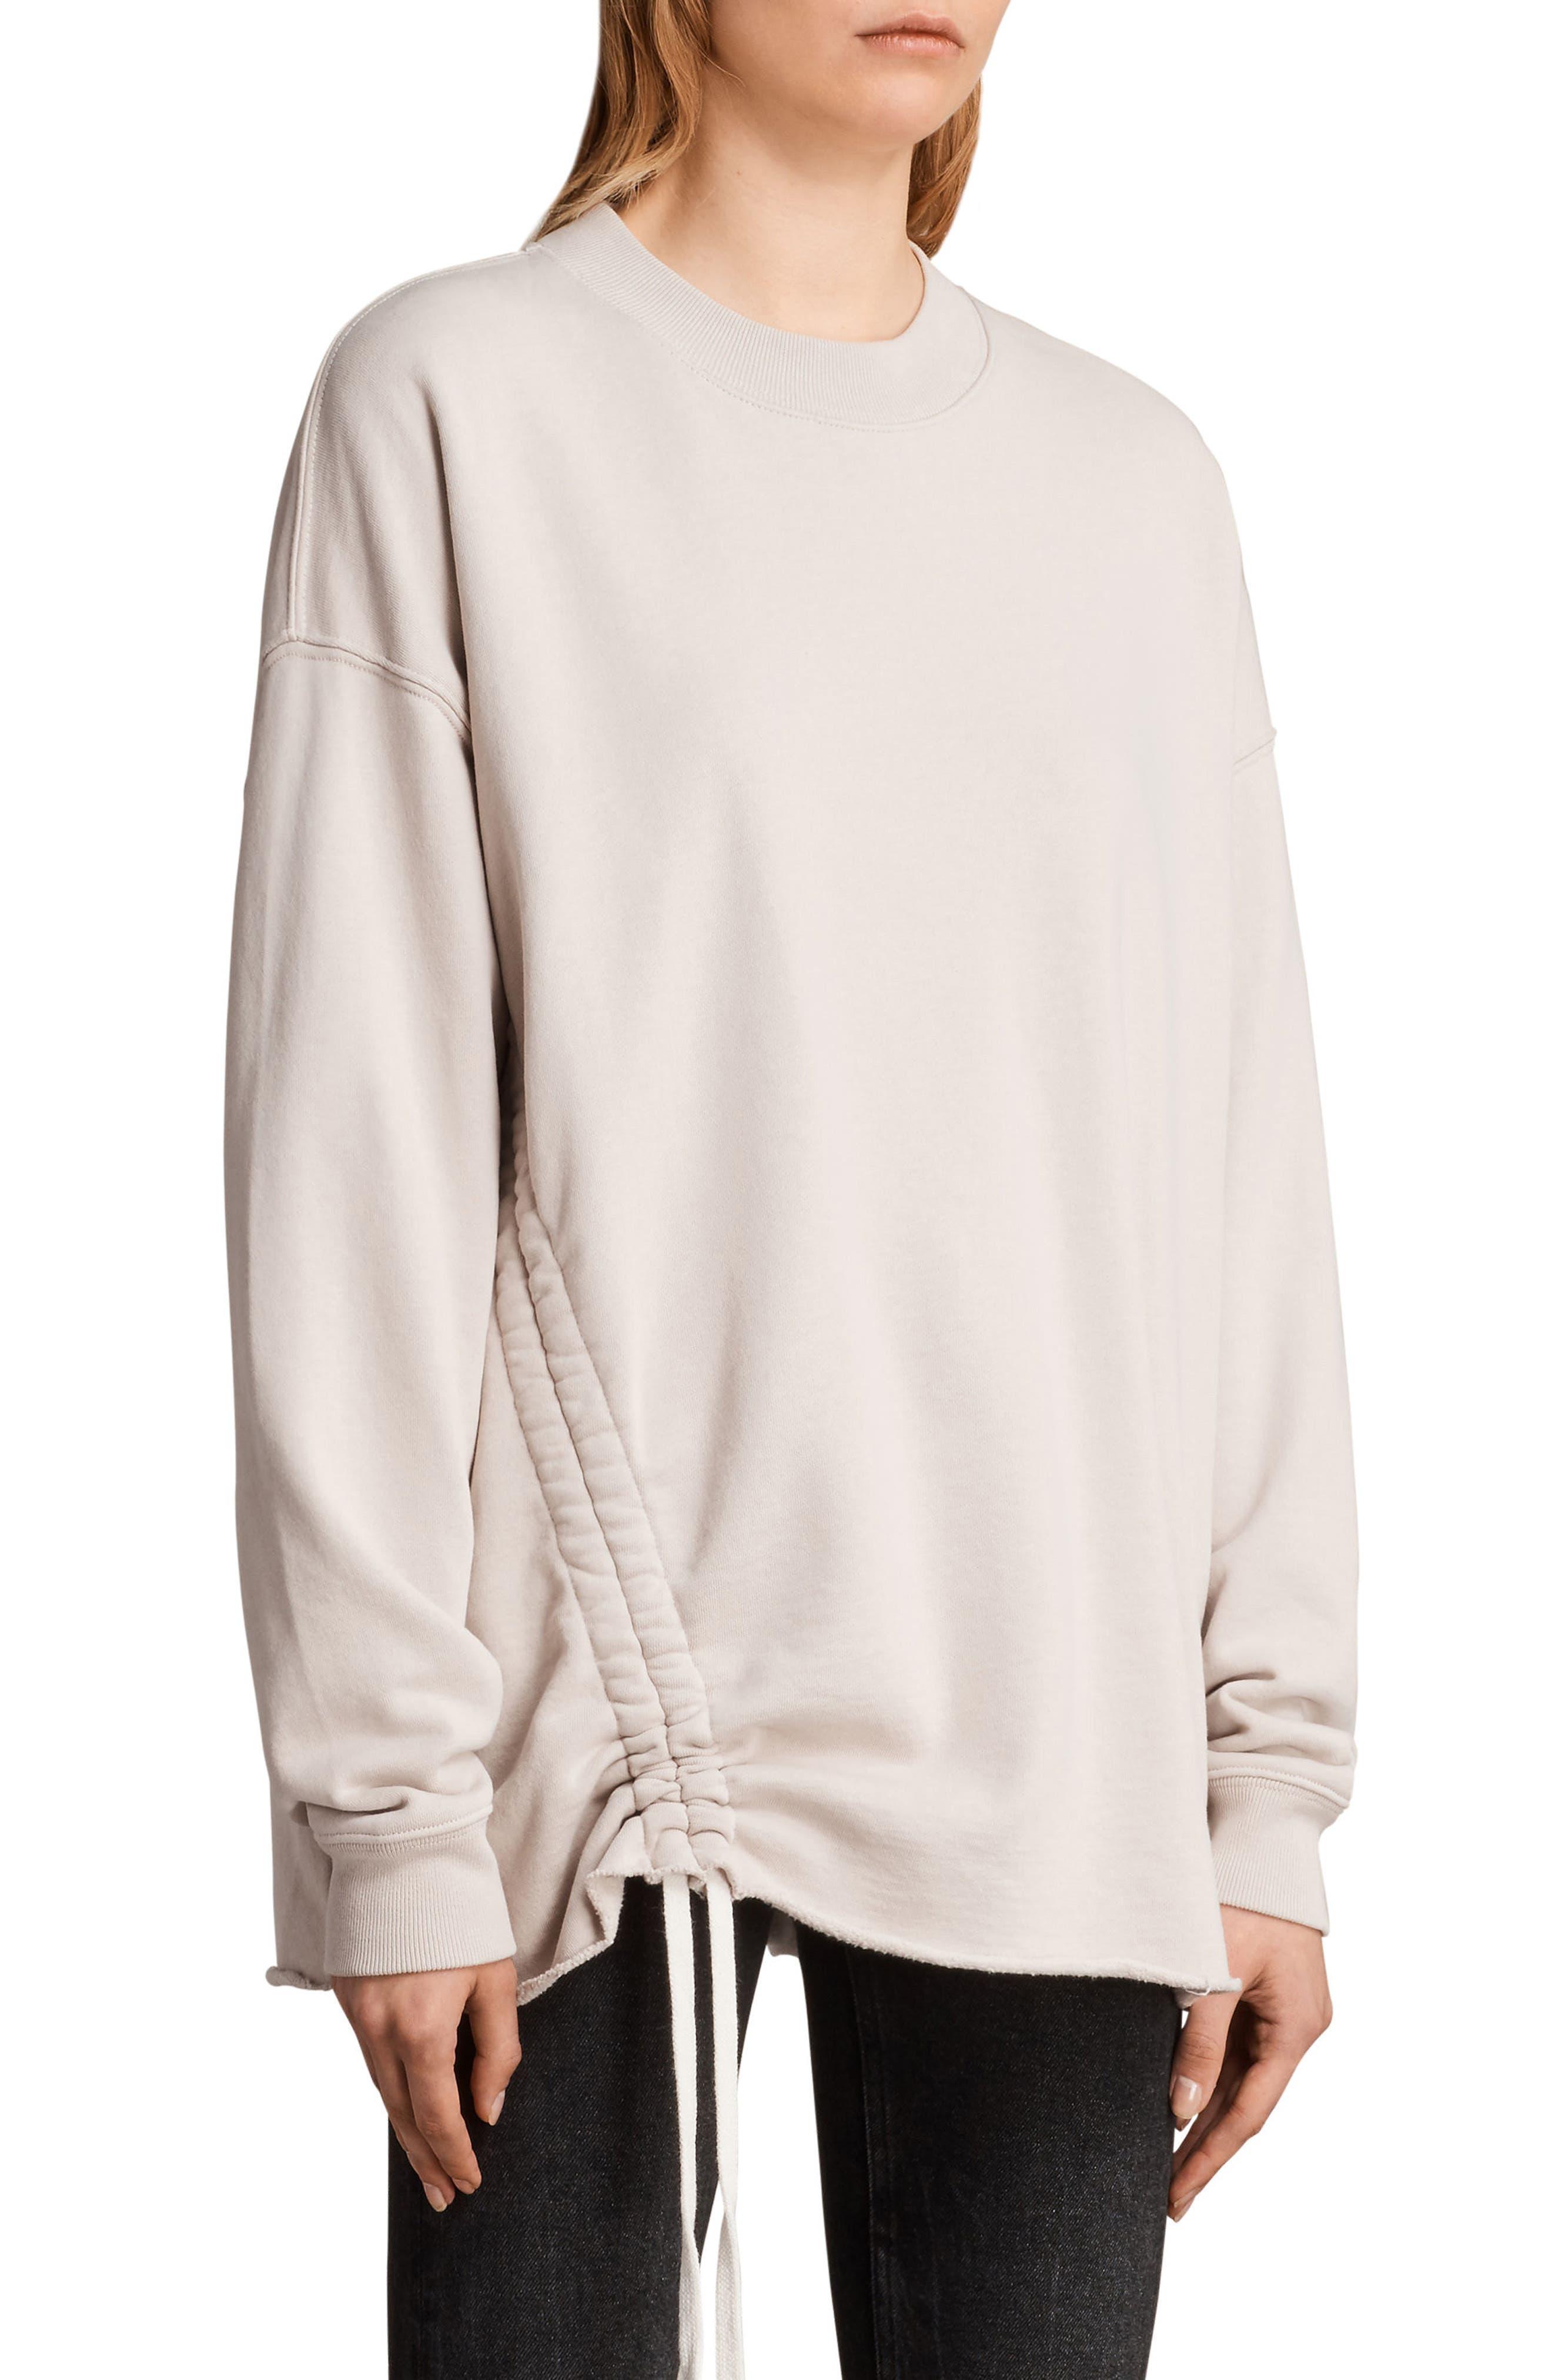 Able Sweatshirt,                             Alternate thumbnail 3, color,                             Quartz Pink